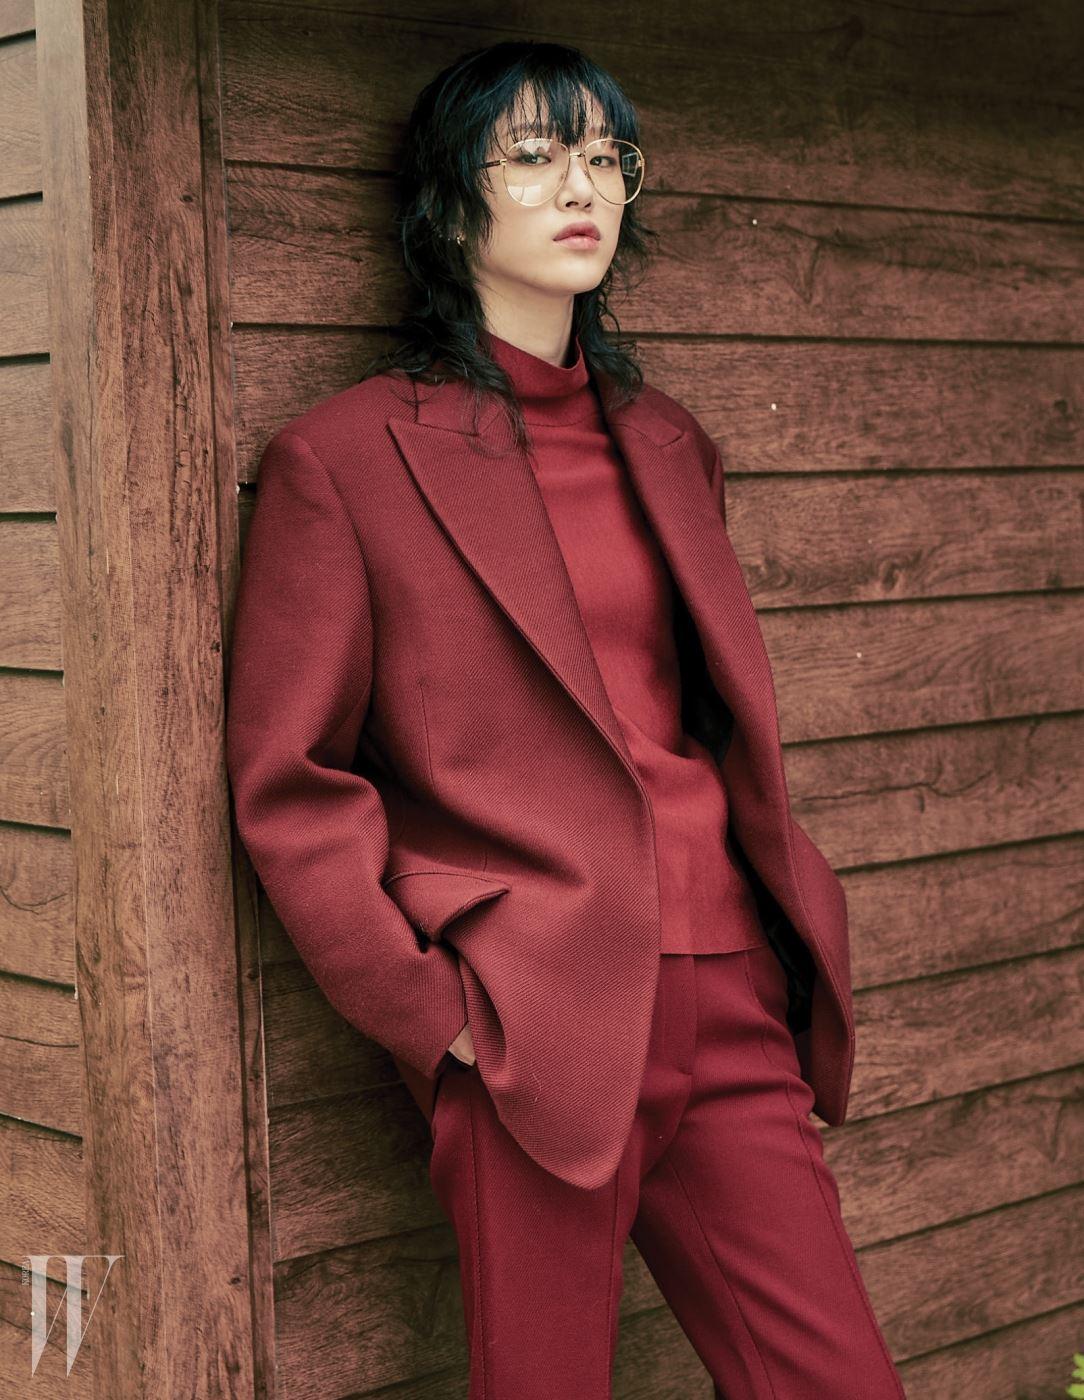 이너와 재킷, 팬츠는 모두 셀린, 안경은 구찌 제품.